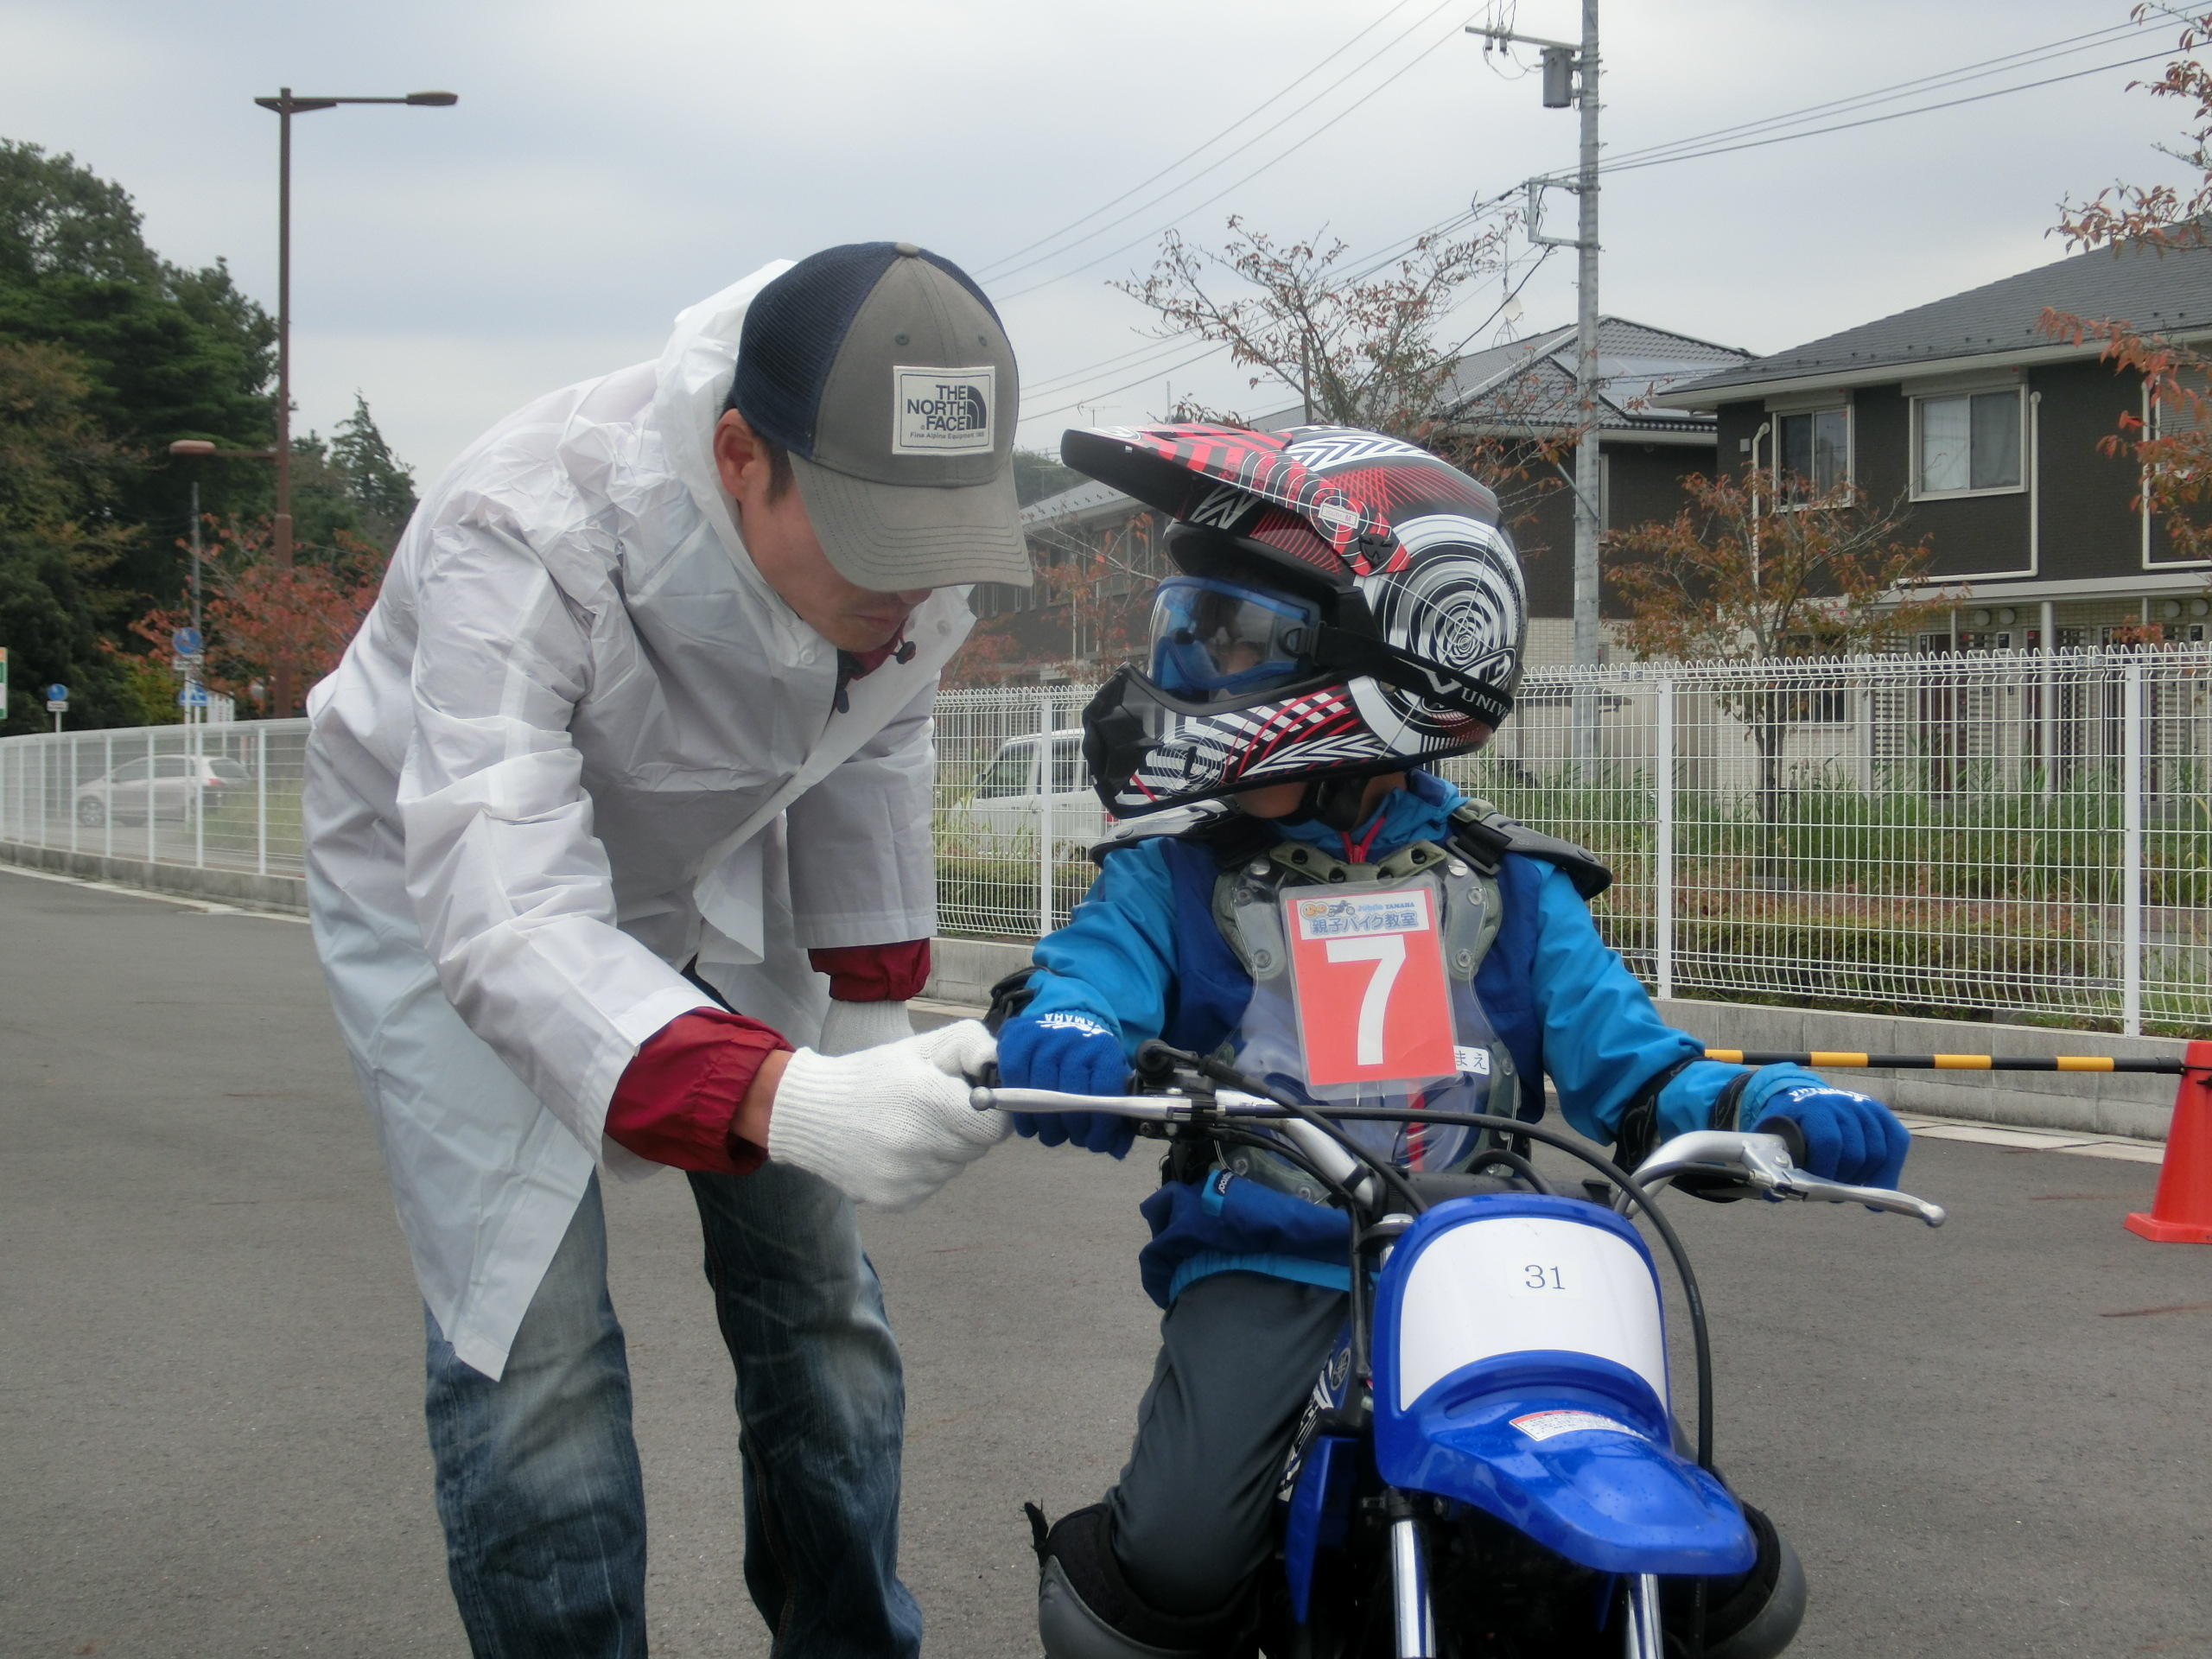 「アクセルはじわ~っと回すんだよ。この感覚、分かるかな?」親子バイク教室というだけあって、お父さん、お母さんにはインストラクターの指導のもと直接お子さんにアドバイスをしていただきます